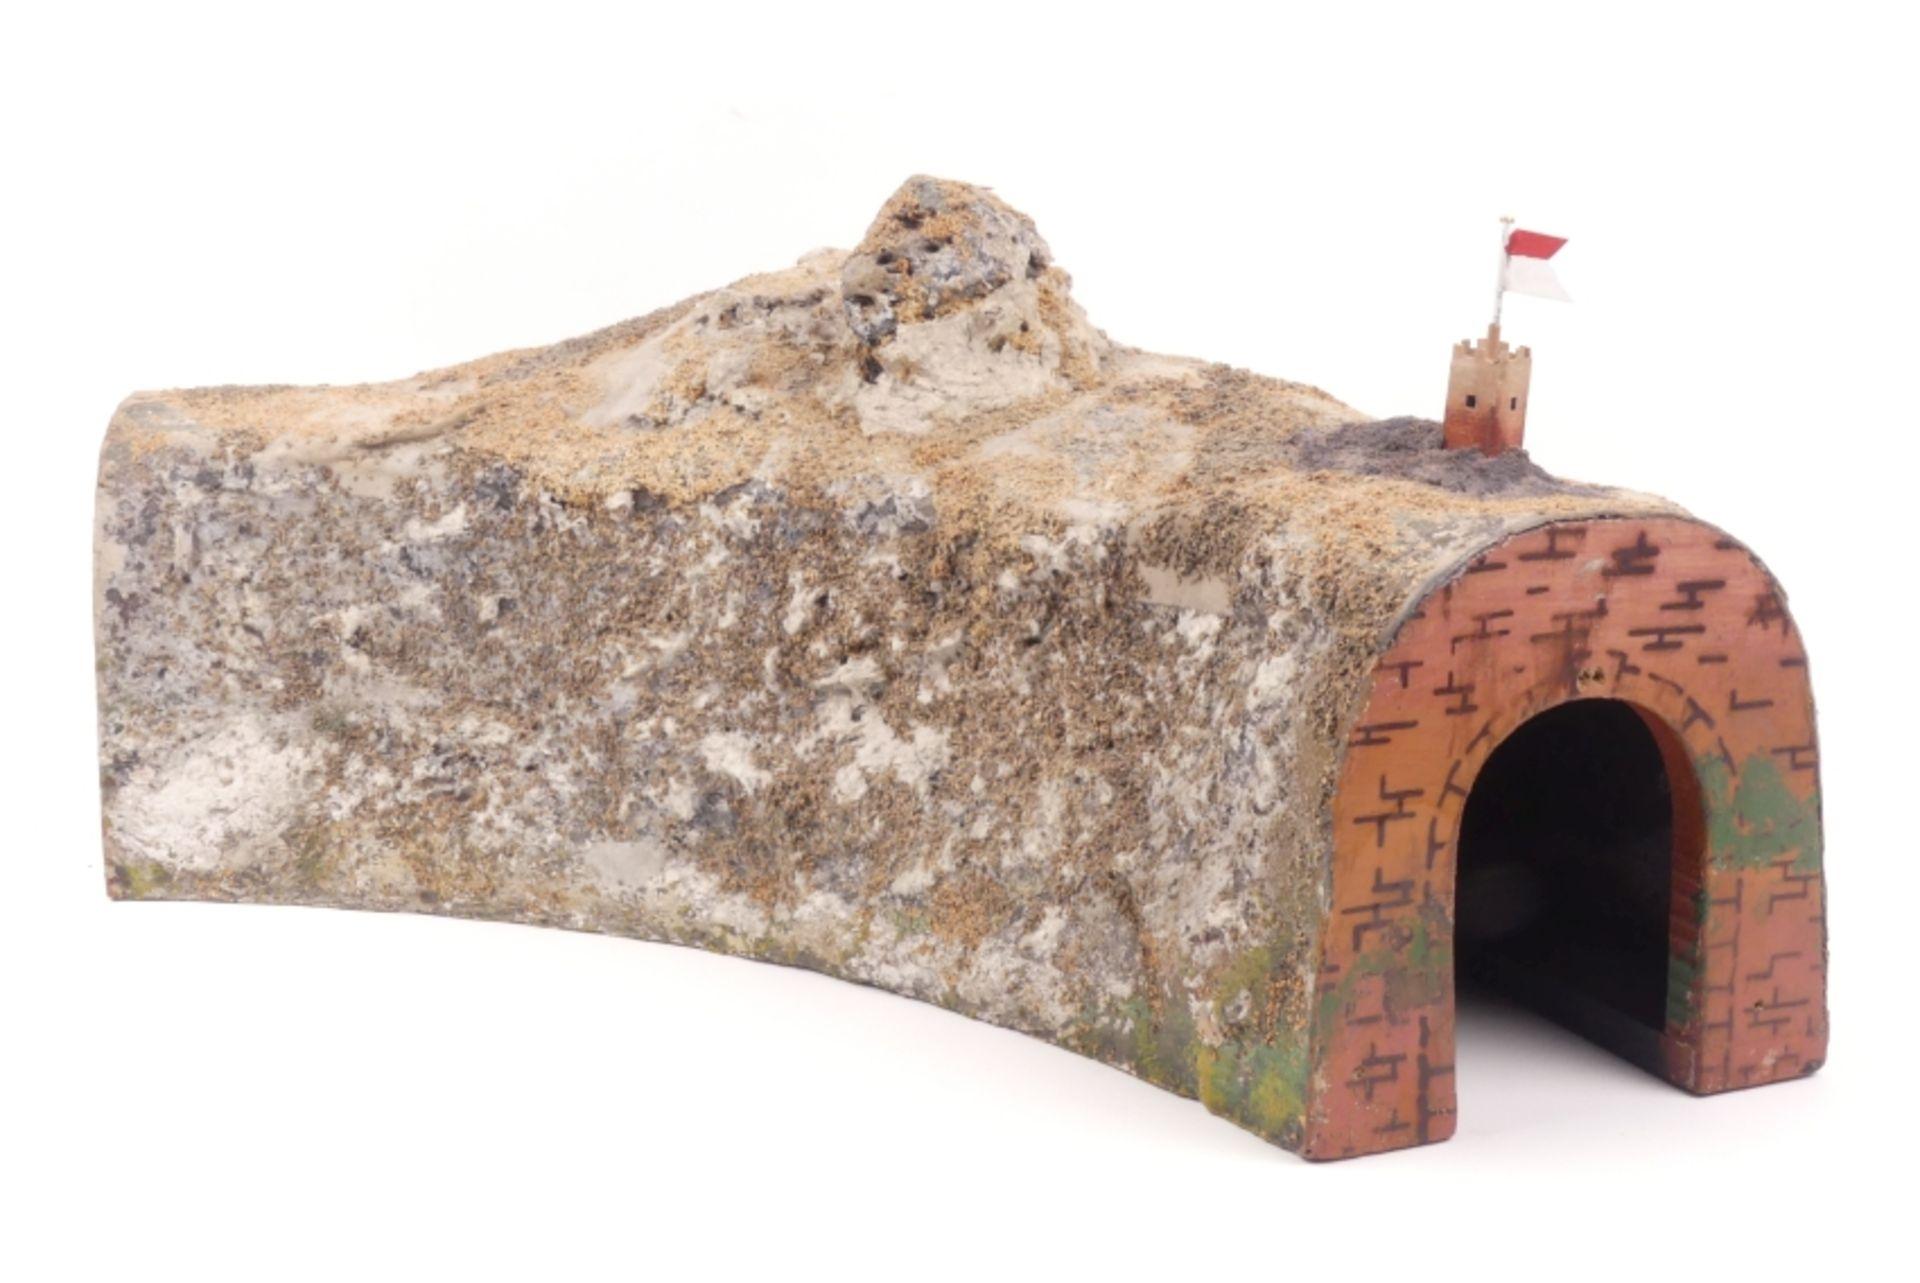 Märklin Ecktunnel 453, Fahne neu, Gebrauchsspuren, Fremdbohrungen in den Tunnelportalen, sehr selt